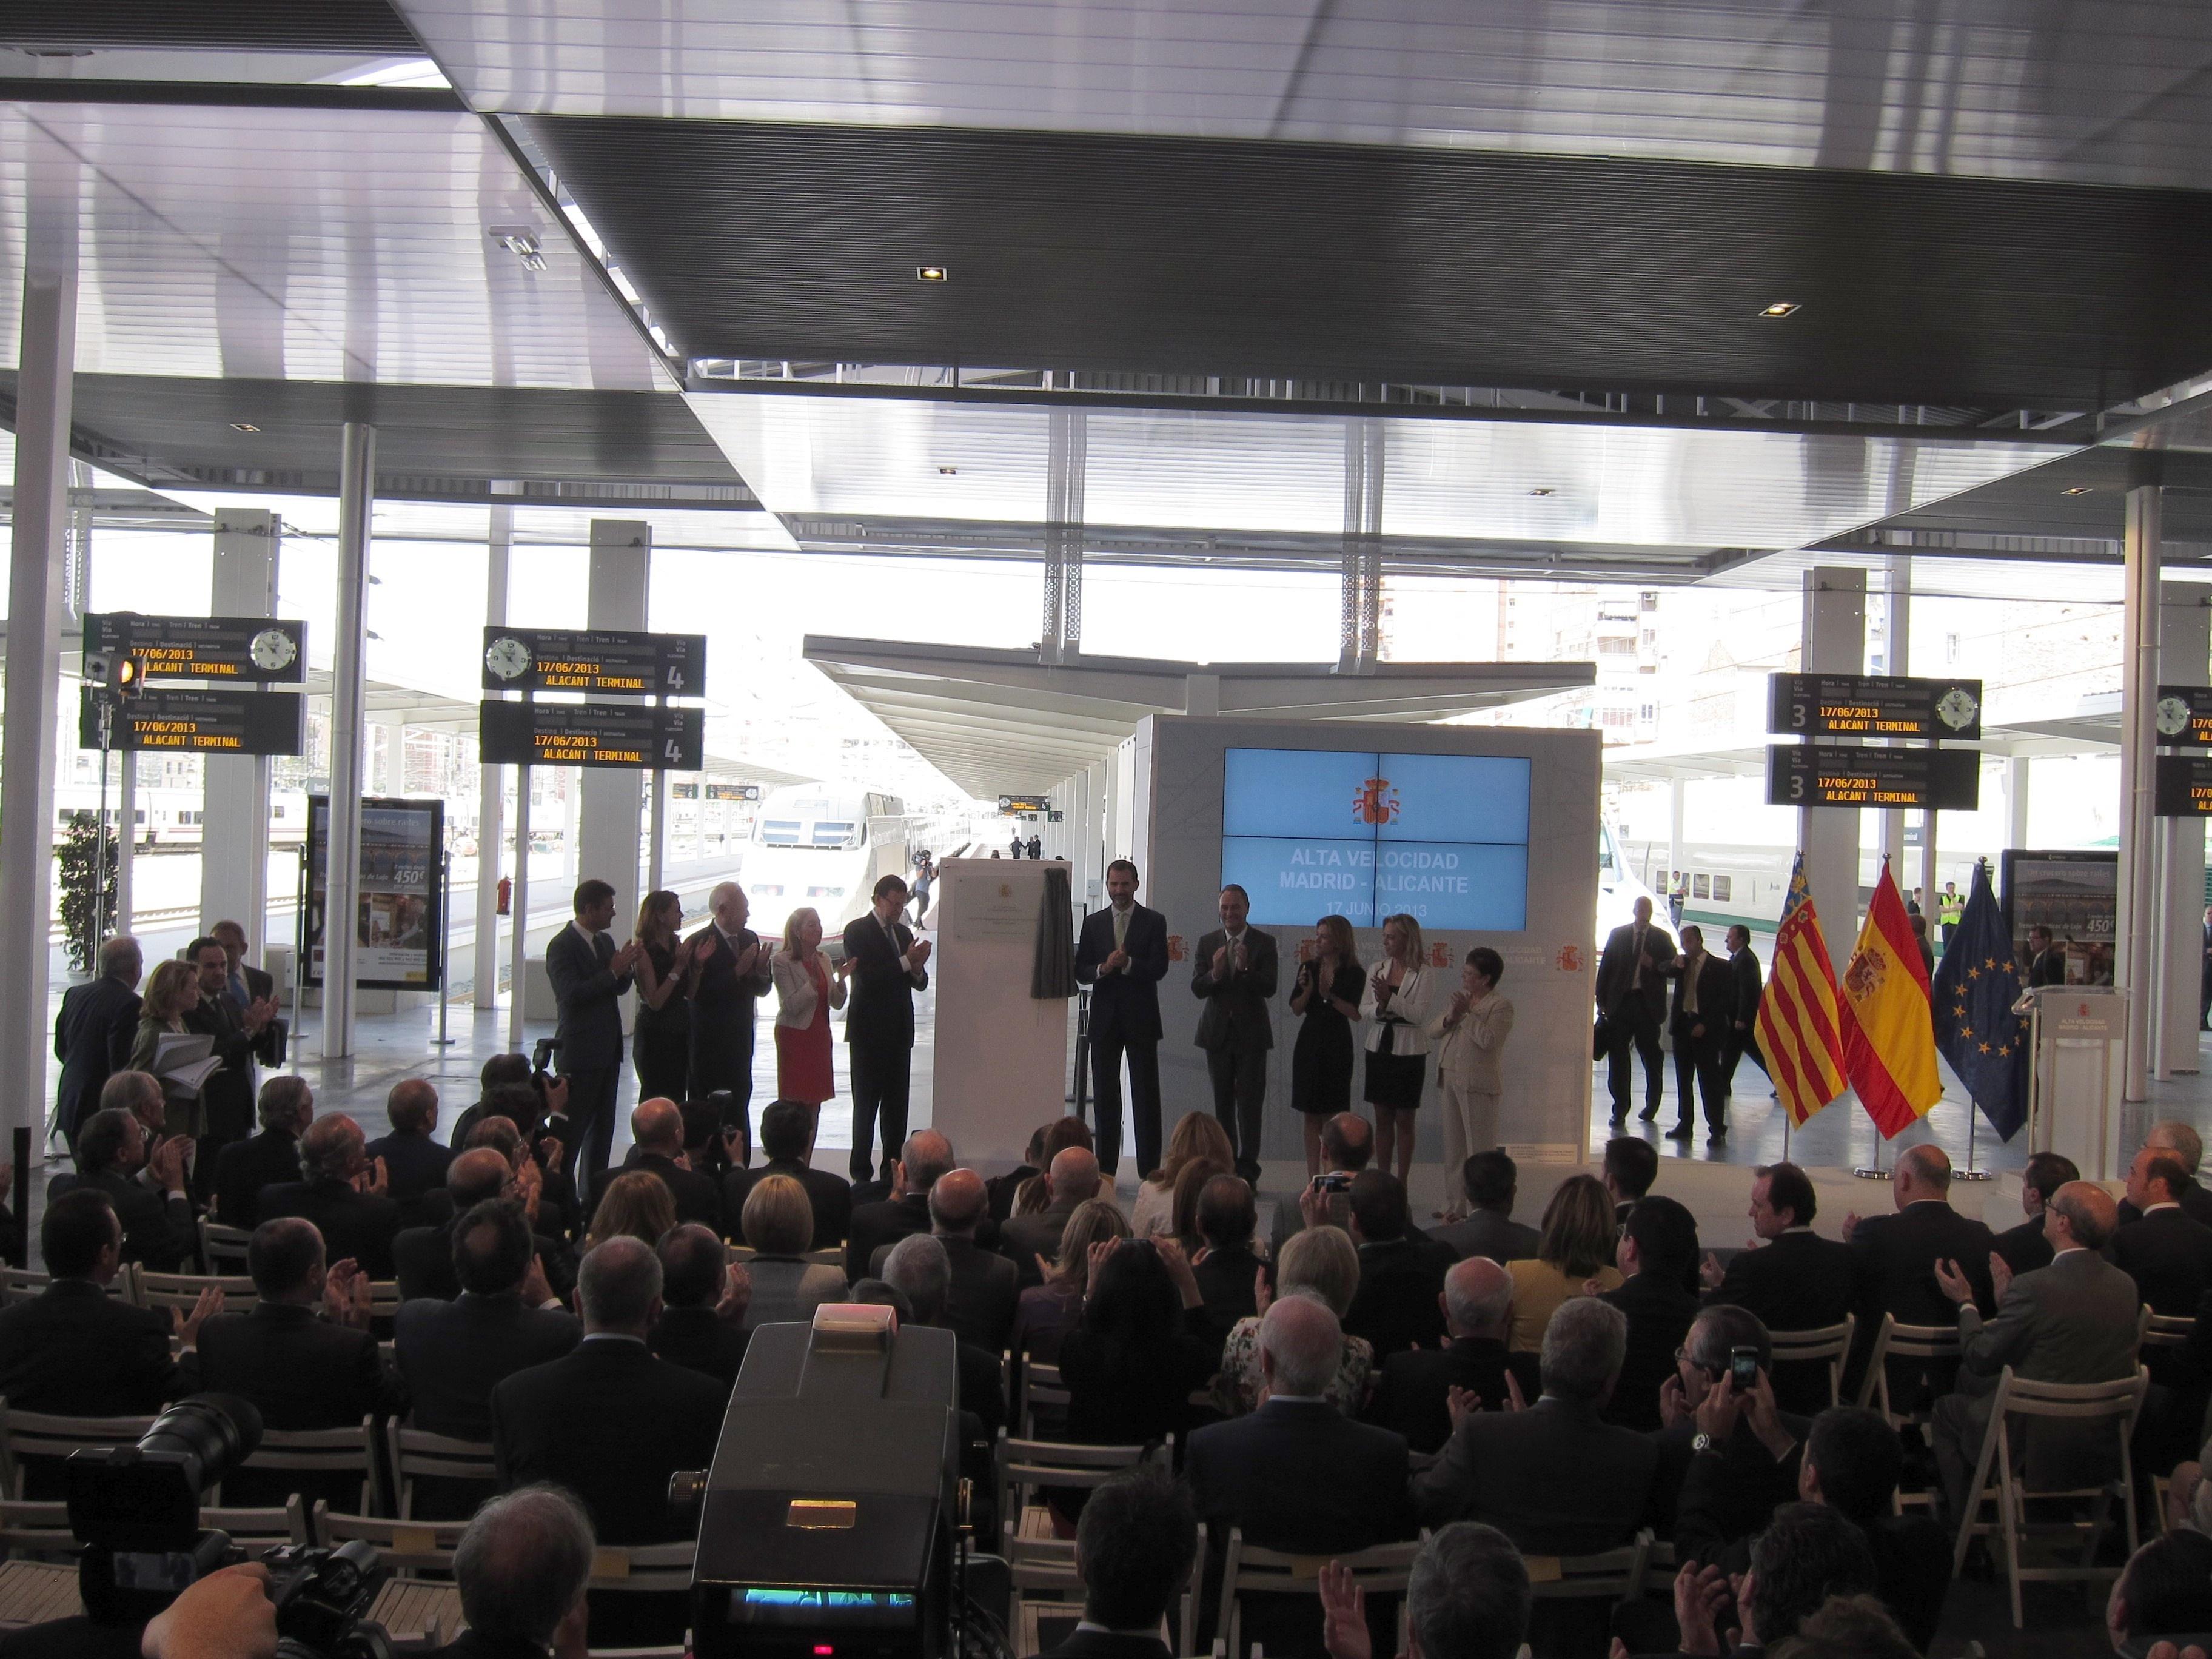 El Príncipe y Rajoy inauguran el AVE Madrid a Alicante en el mismo tren que unió Madrid con Sevilla en 1992